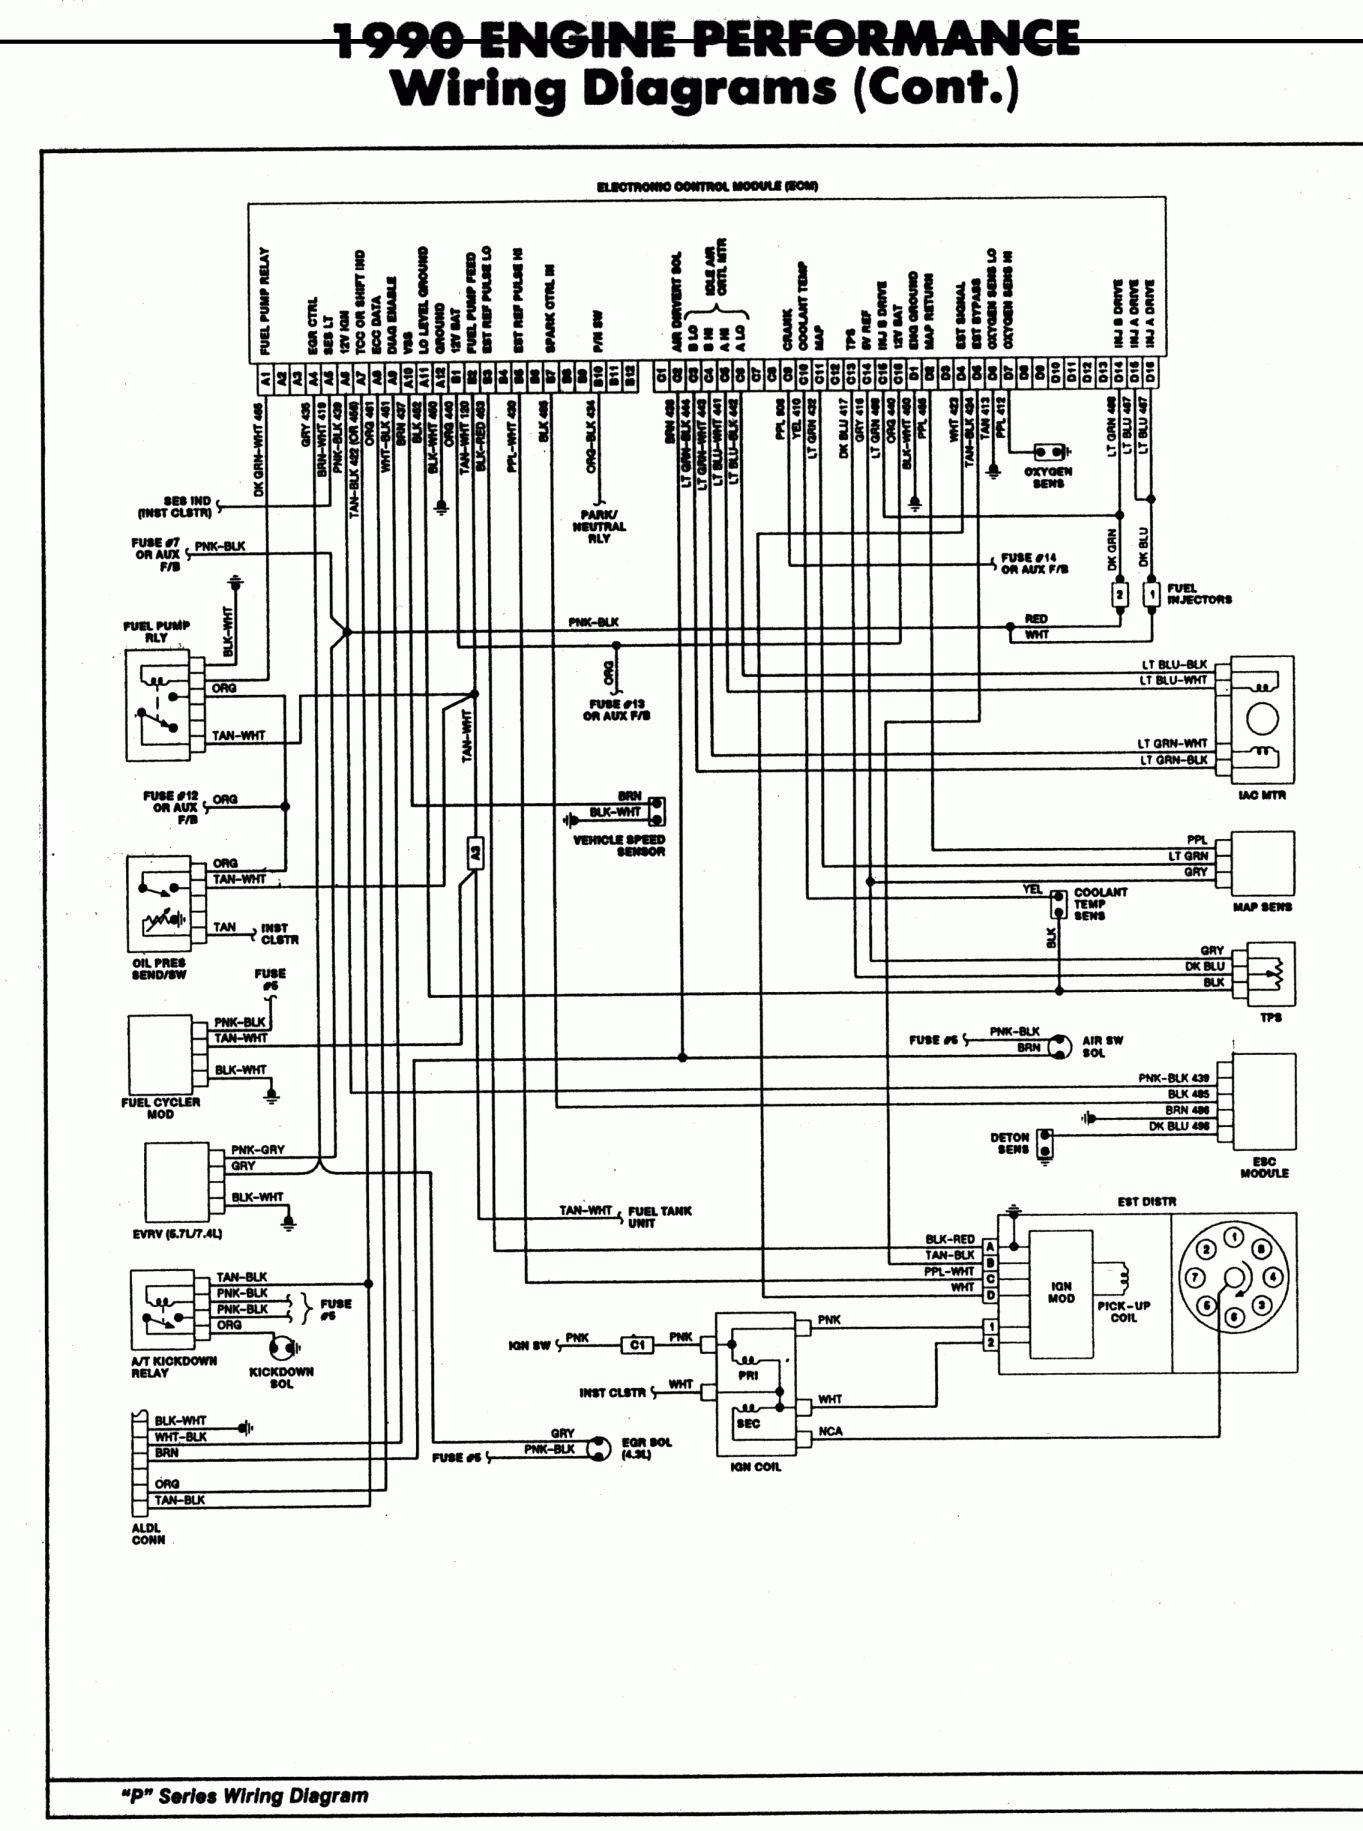 Pin On Wiring Diag